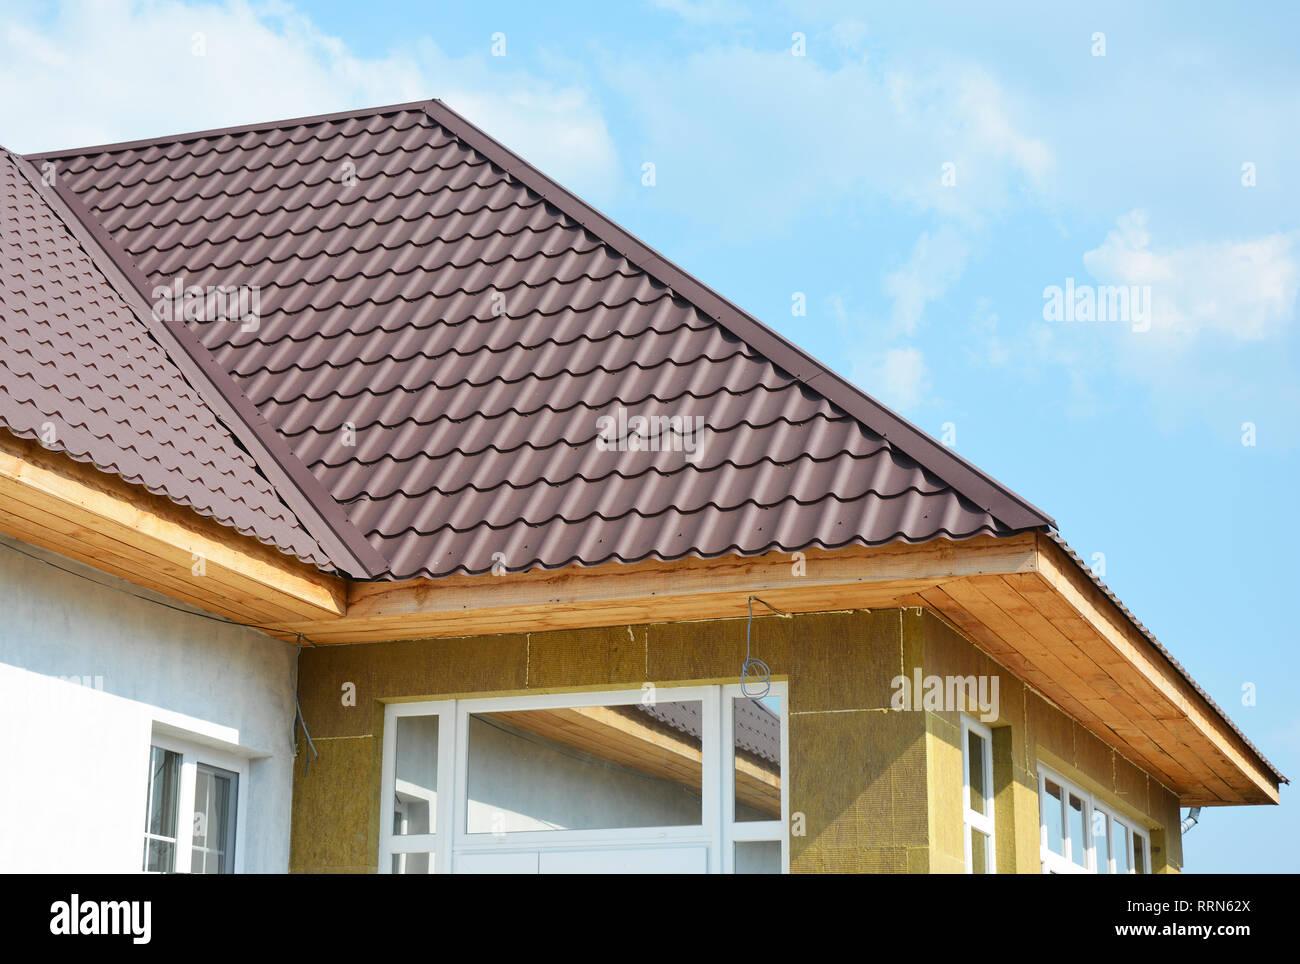 Dach- und Steinwolle wand Isolierung detail. Gebäude Isolierung außen an Gebäuden für Komfort und Energieeffizienz hinzugefügt. Laibung und Fas Stockbild